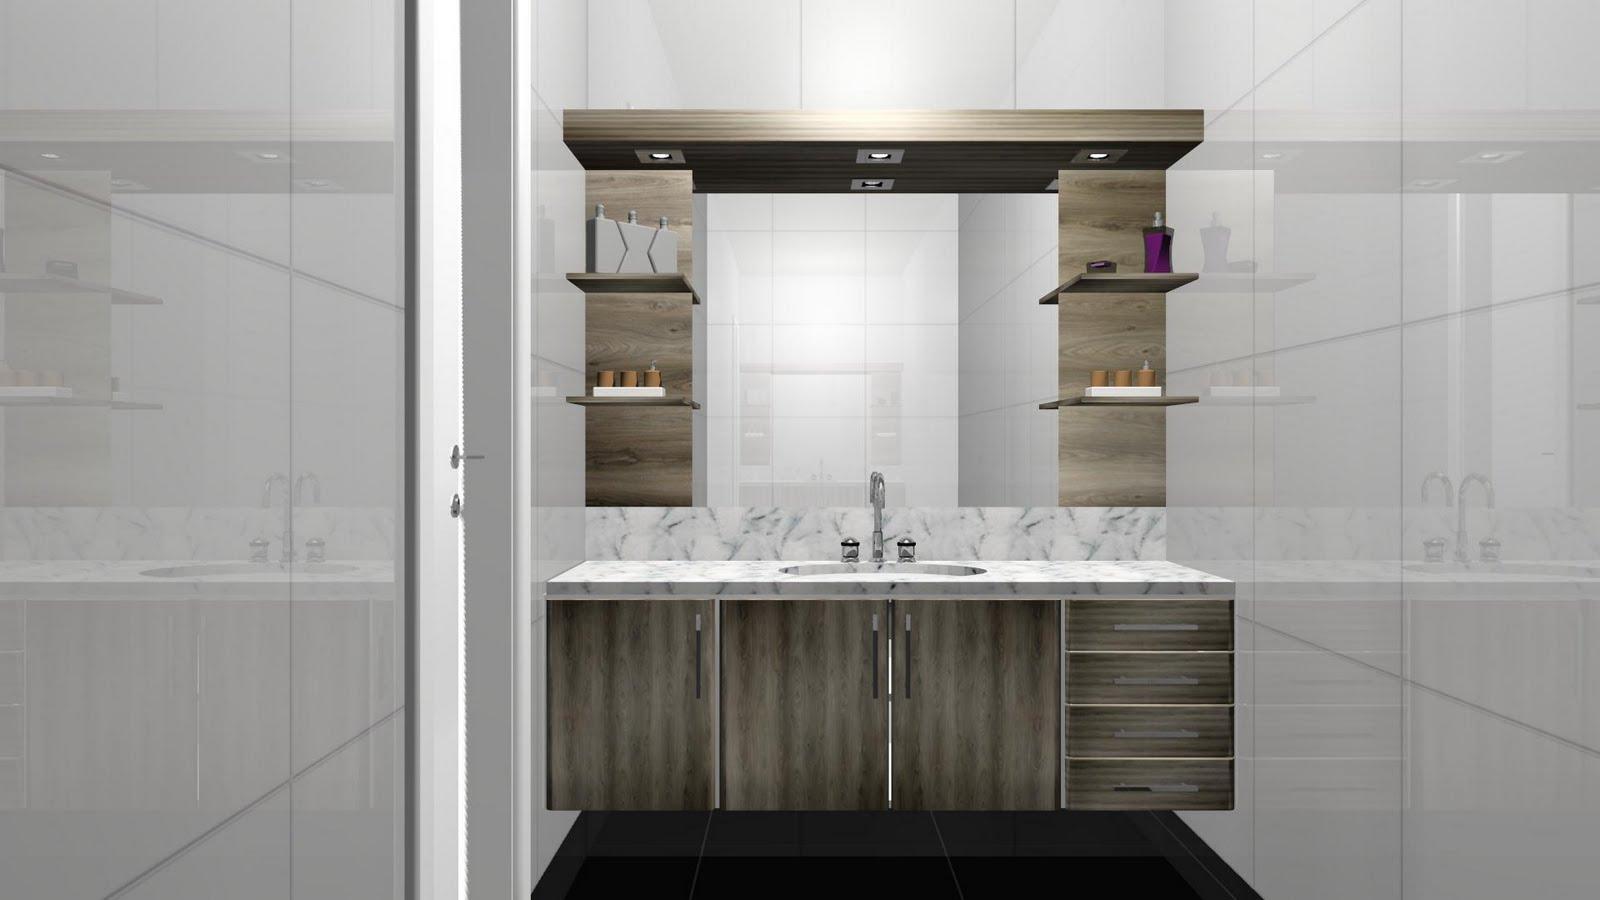 Espaço Nobre Design: Balcão de Banheiro e Prateleiras (Carvalho  #5F275F 1600x900 Balcão De Banheiro Tumelero